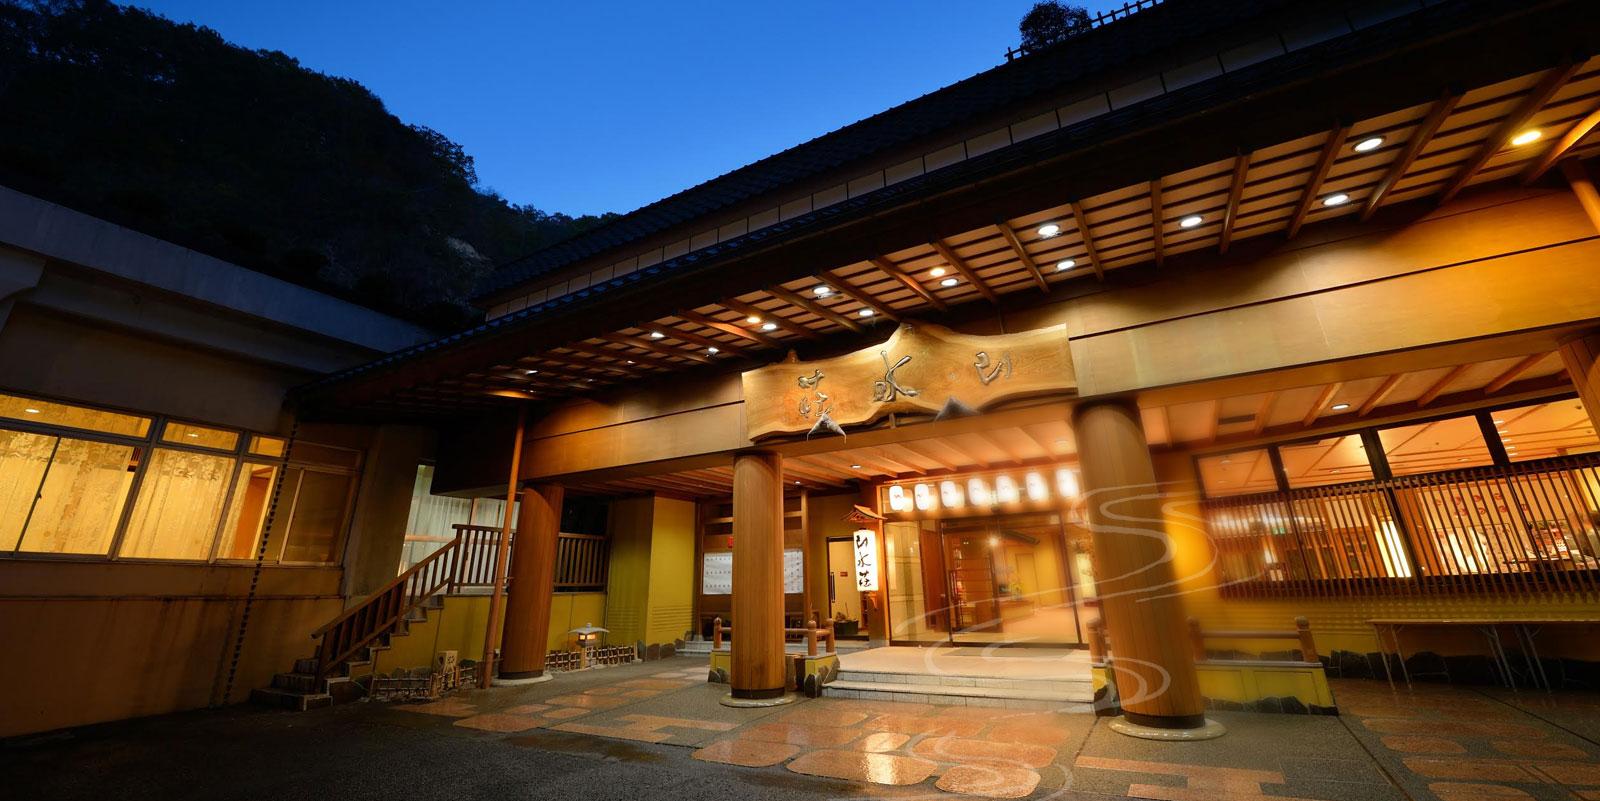 4か所の大浴場と5か所の貸し切り露天風呂で温泉三昧を楽しめる旅館「山水荘」